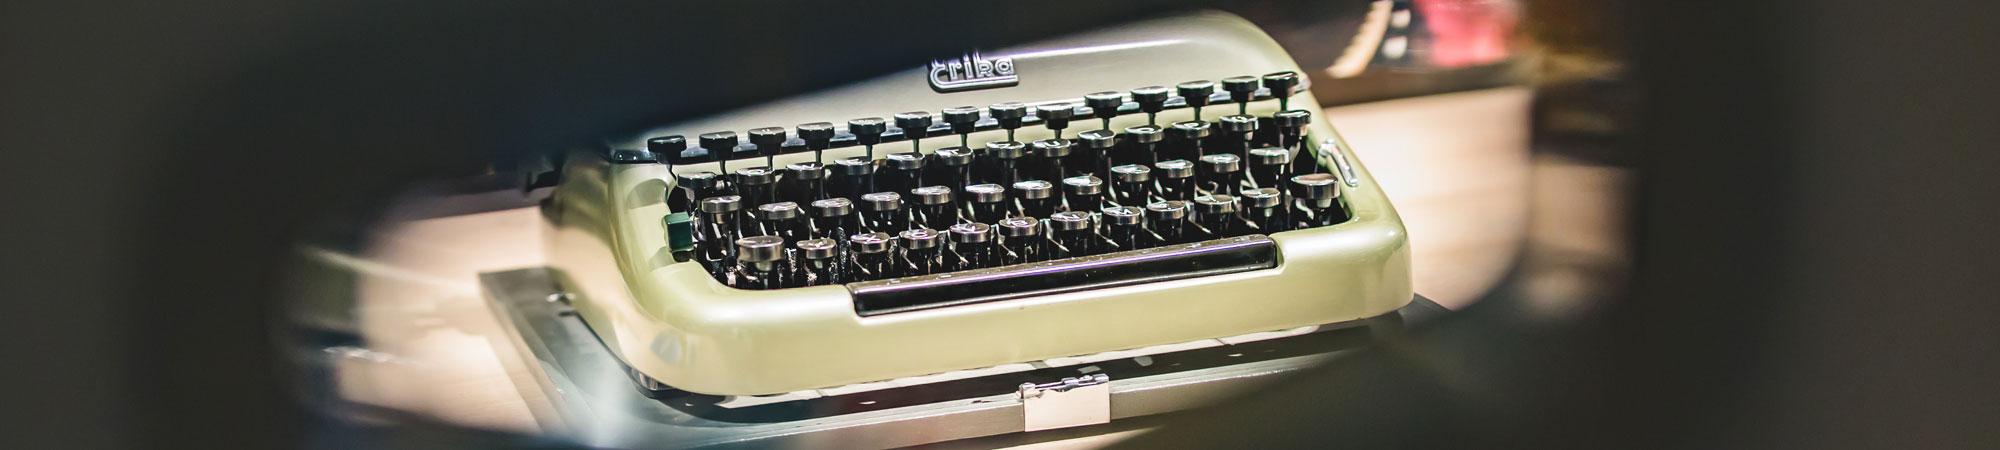 Möbel Schröter Arbeitszimmer Schreibmaschine